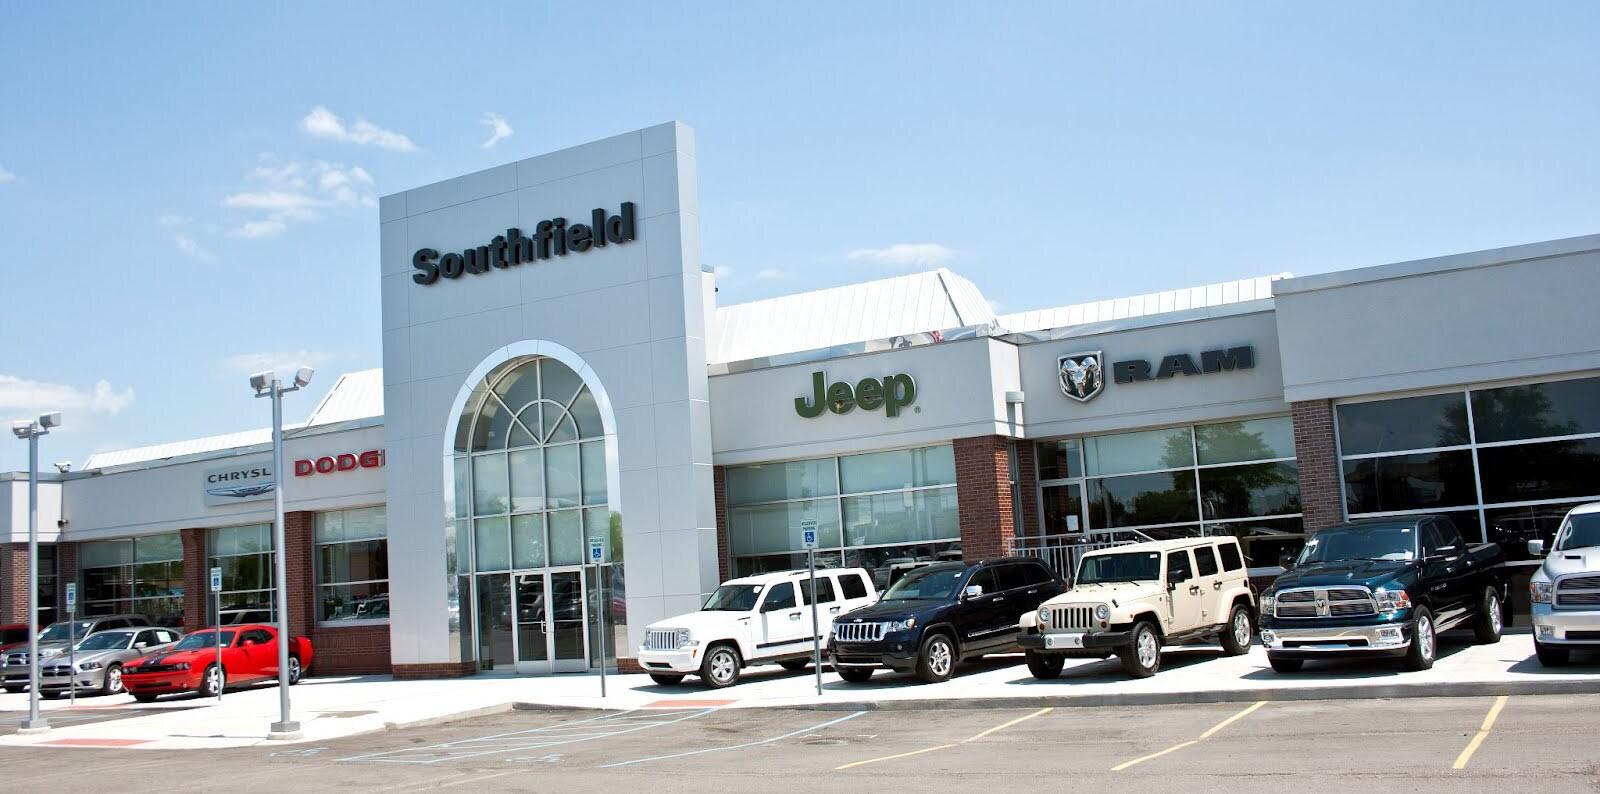 Southfield Jeep Hours